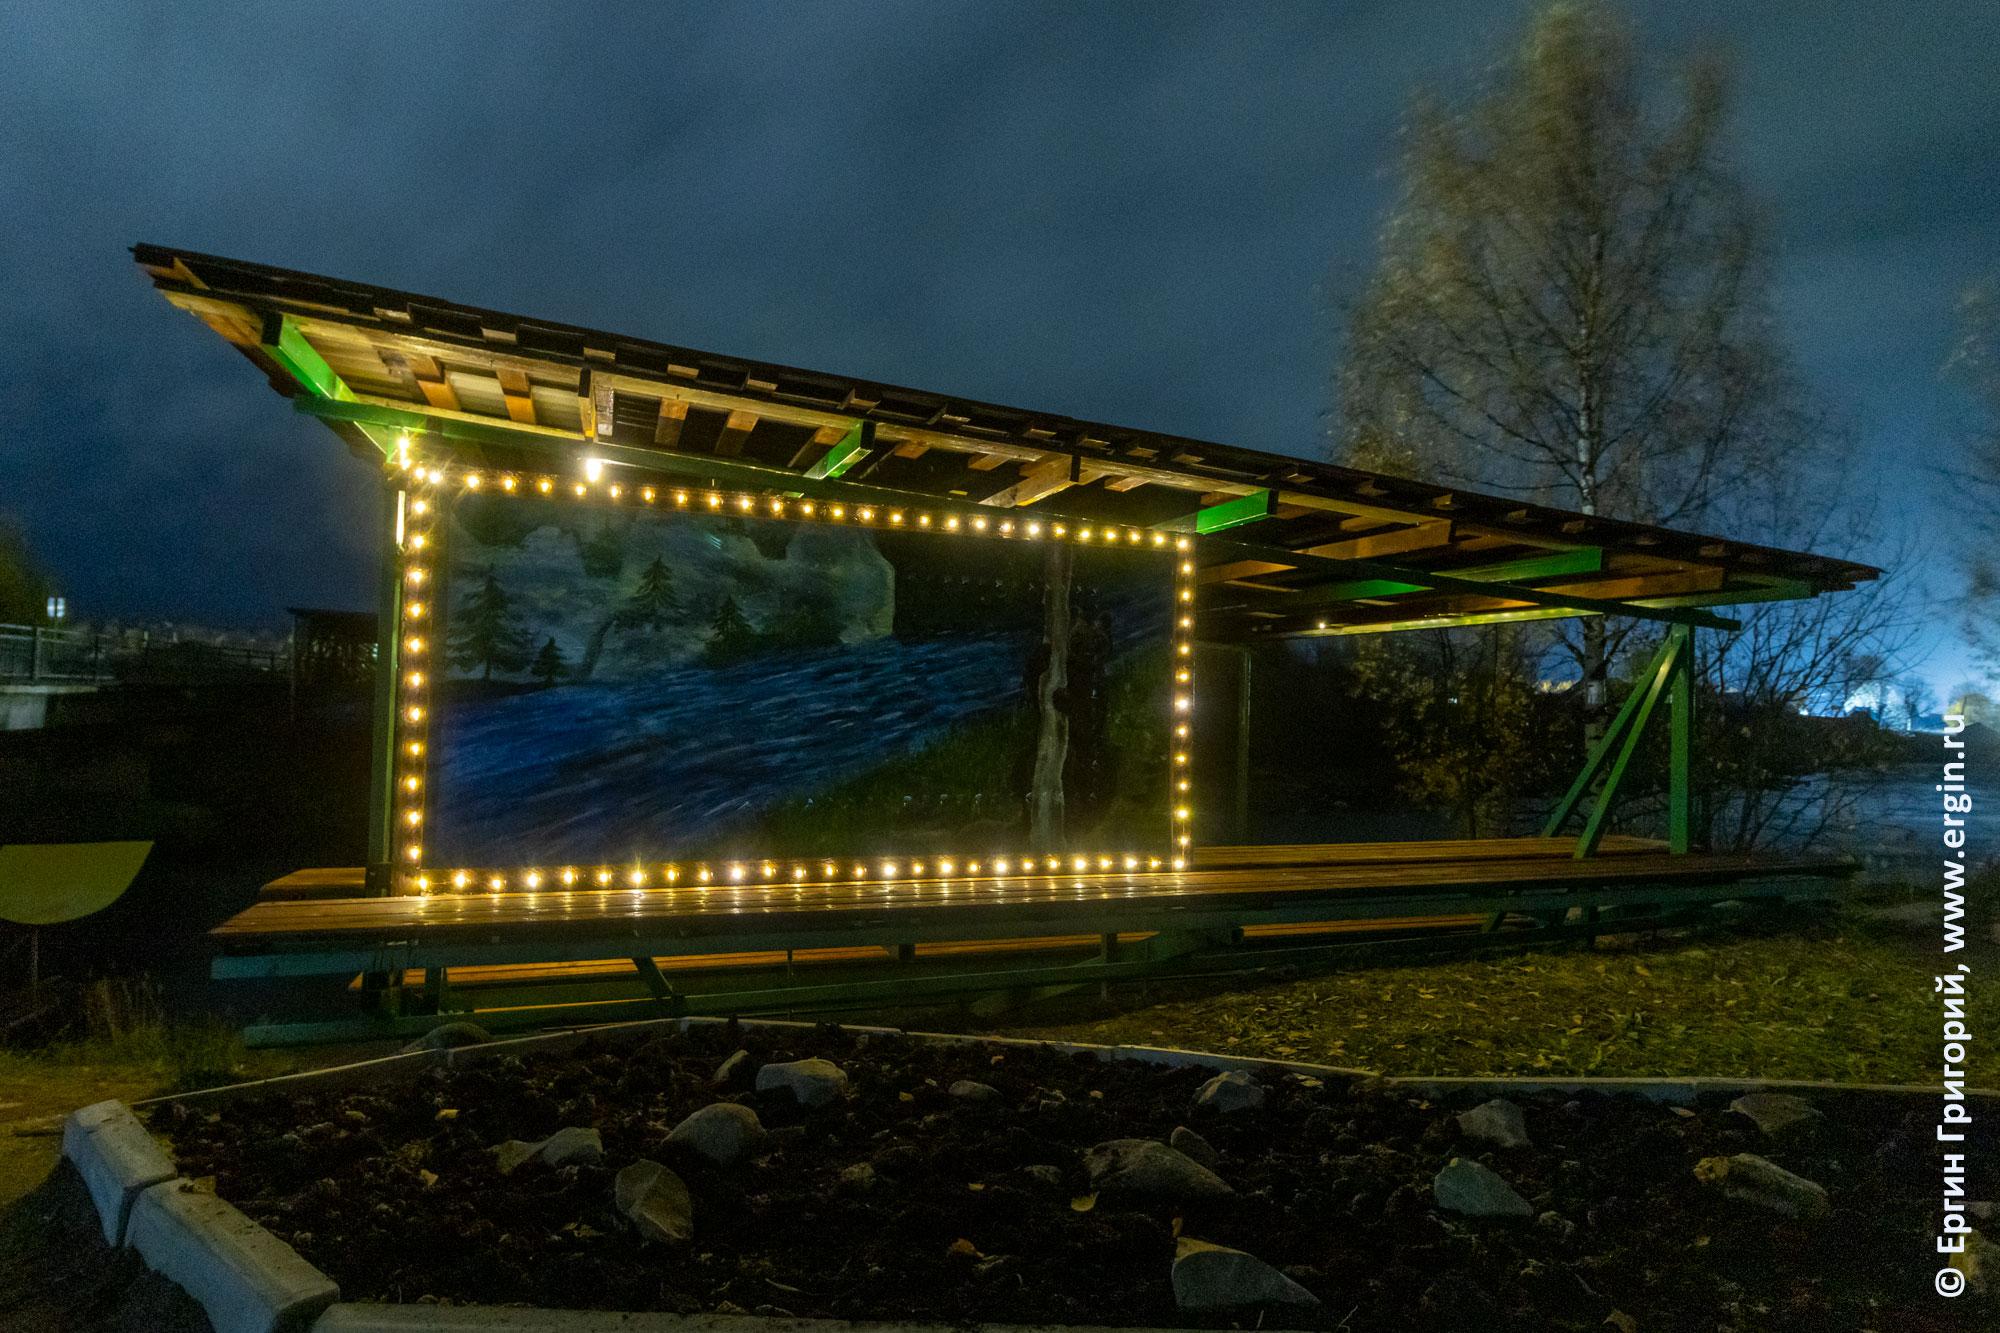 Трибуна для зрителей соревнований по фристайл-каякингу на берегу реки Тивдийки ночью